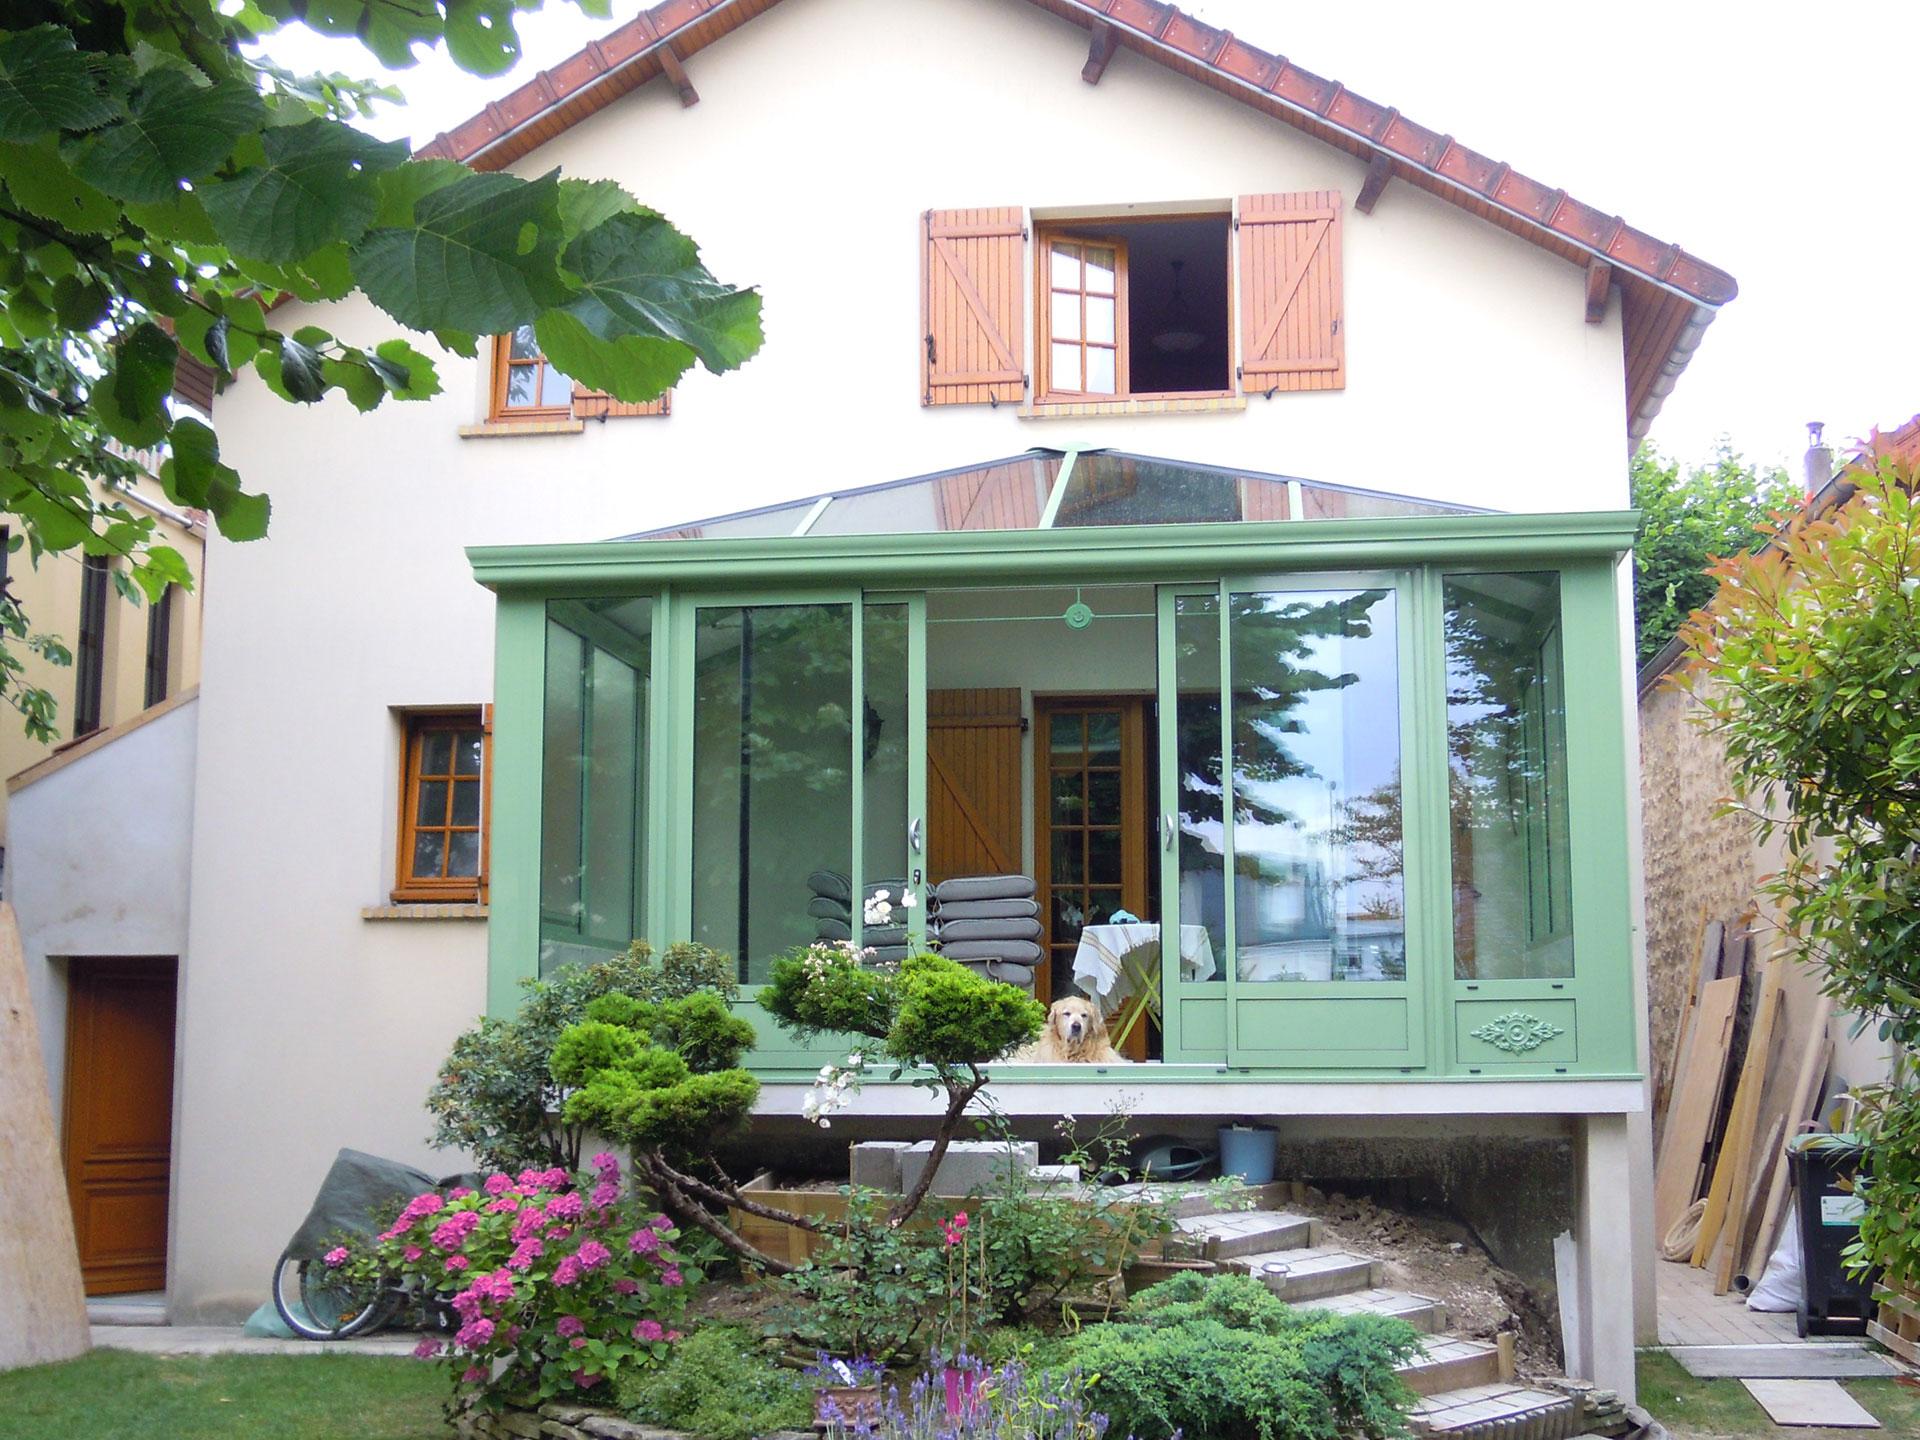 pavillon-quasart-veranda-apres